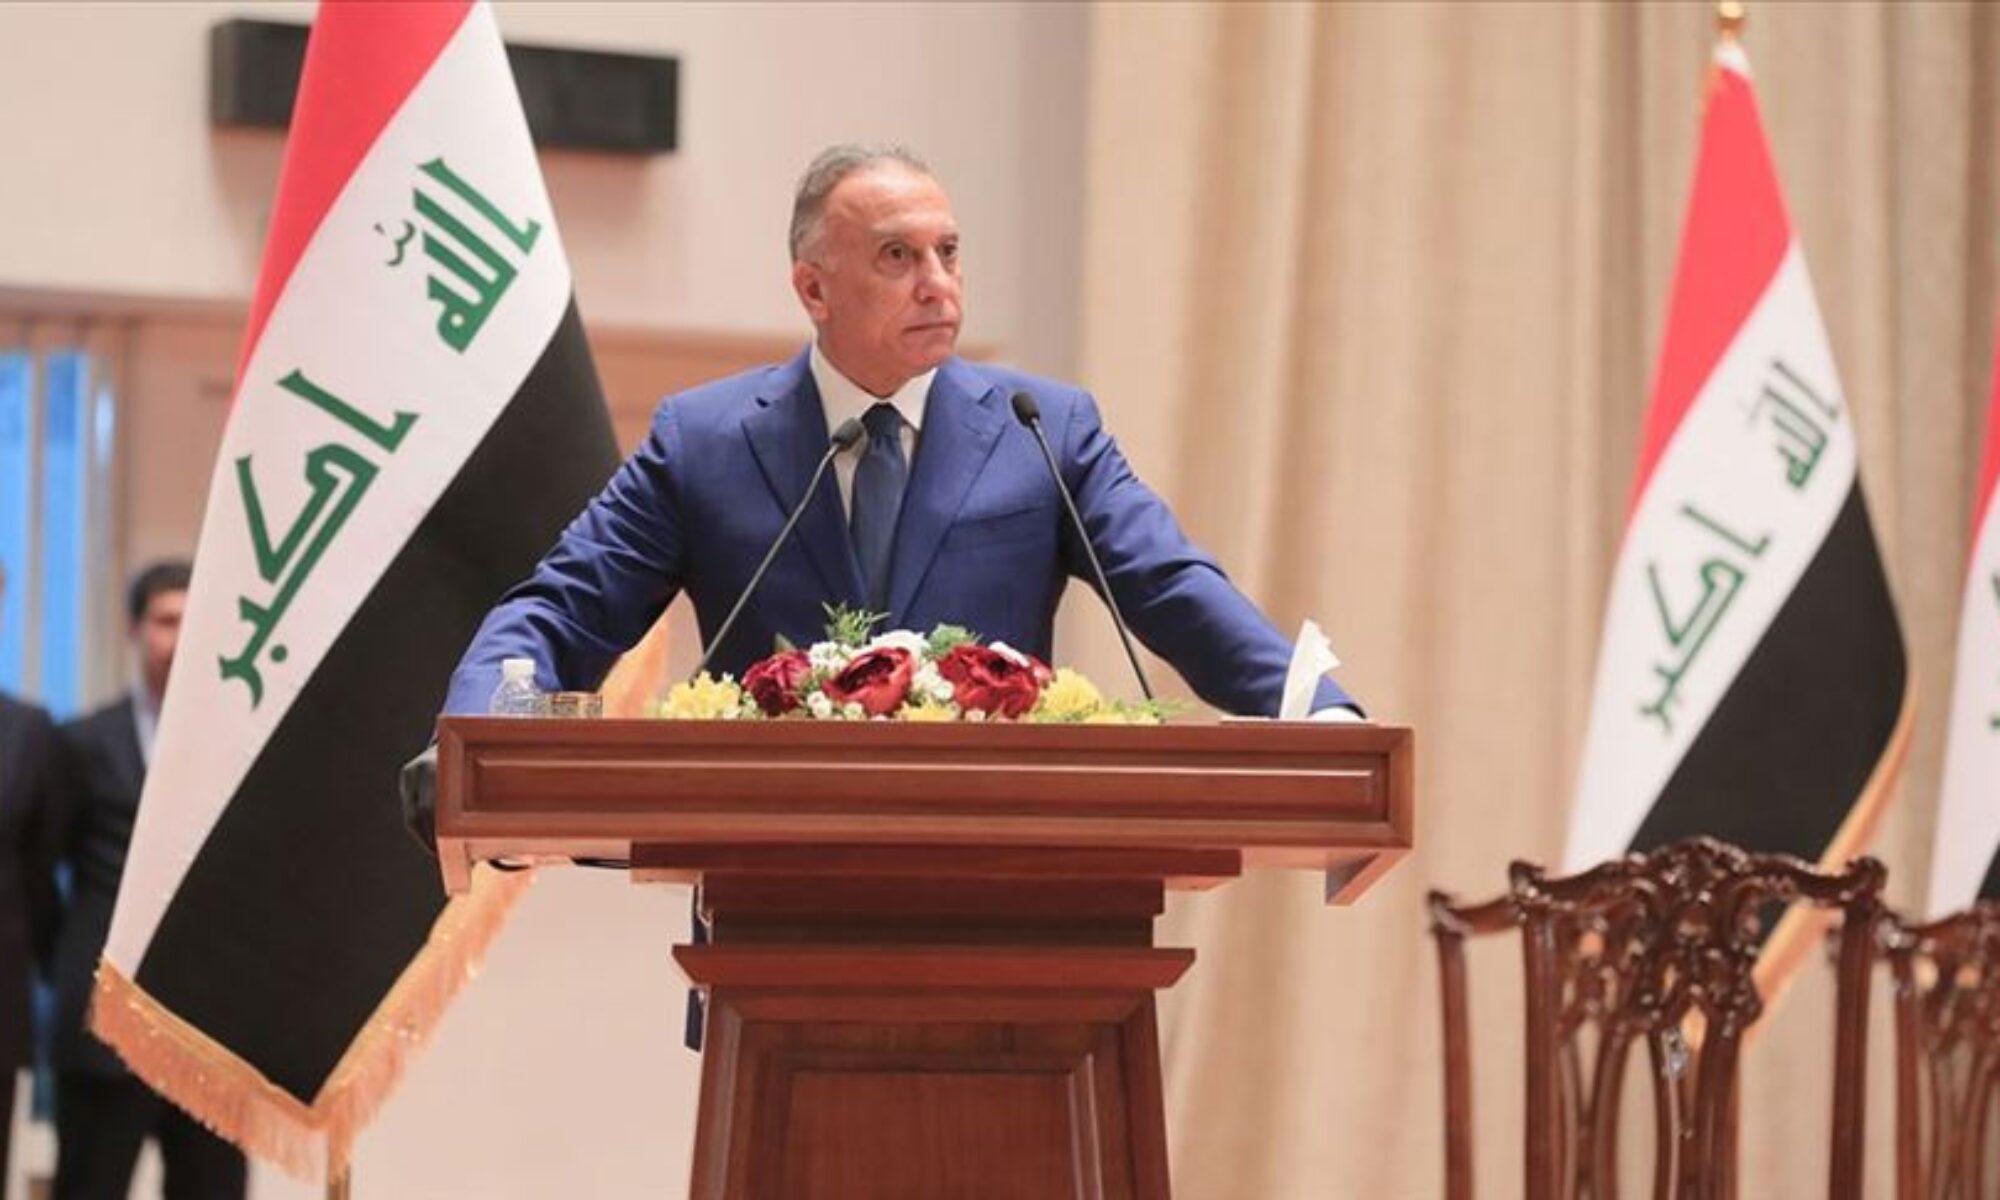 Başbakan Kazimi: Seçimlere katılmayacağım